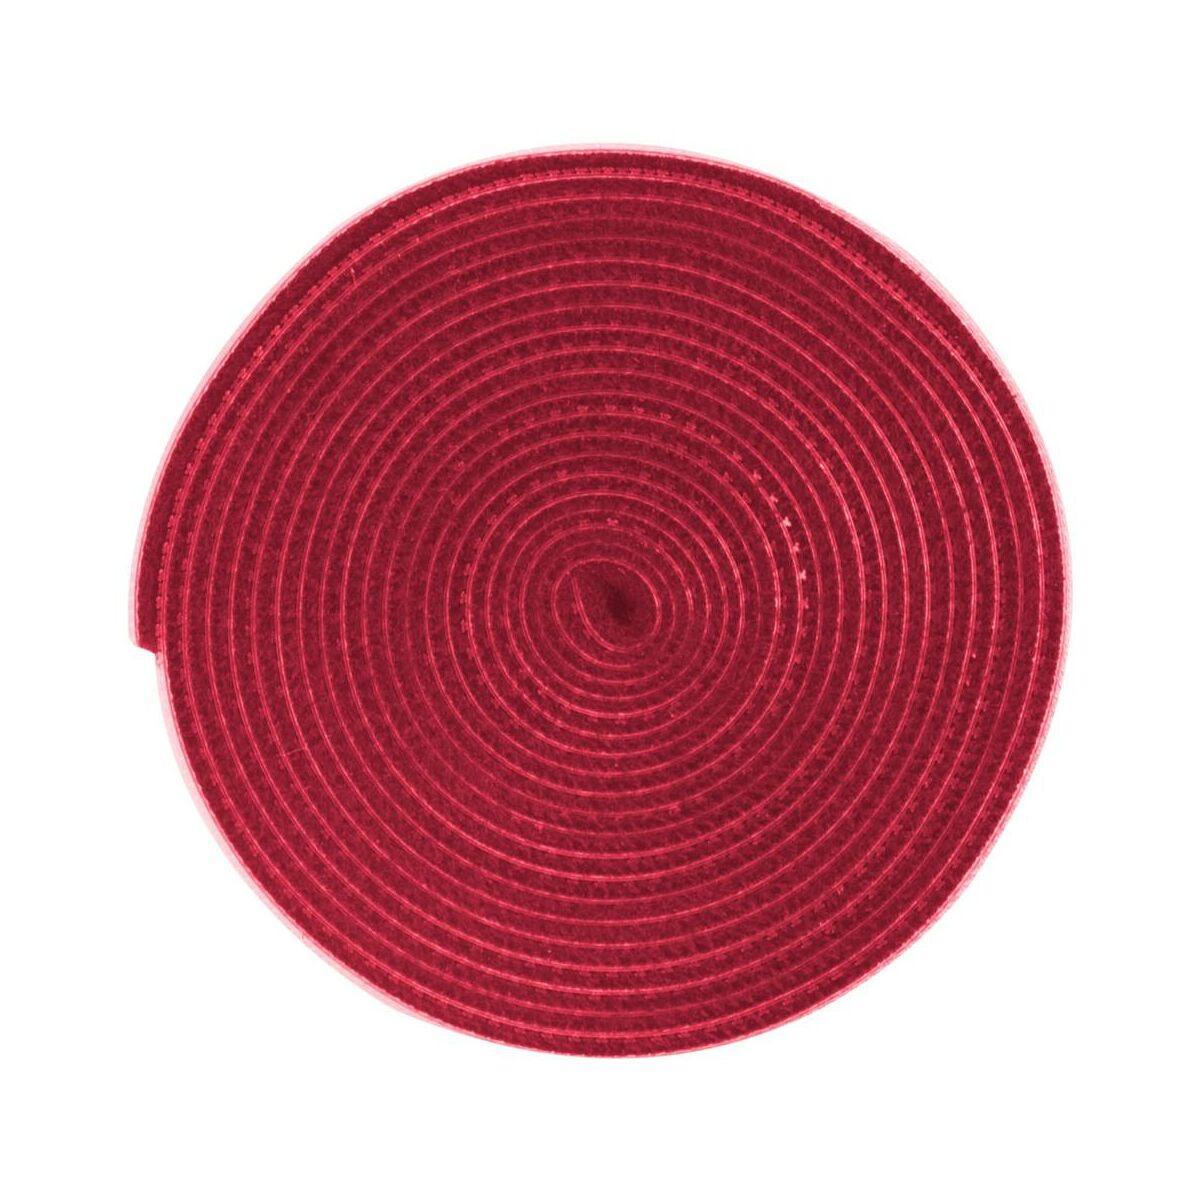 Baseus kiegészítő Rainbow Circle tépőzáras vágható kötegelő csík, 3m, piros (ACMGT-F09)